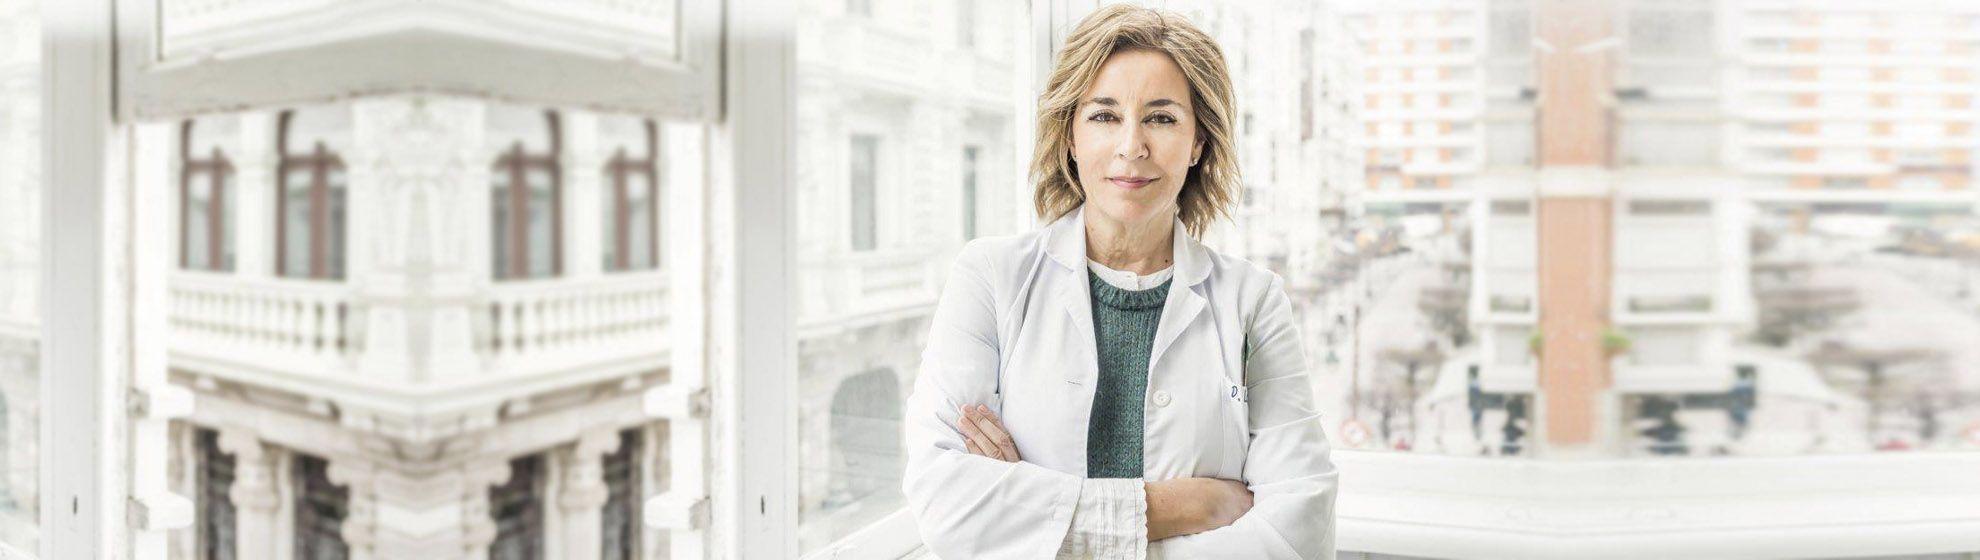 Dra. Lourdes Gamo Macaya